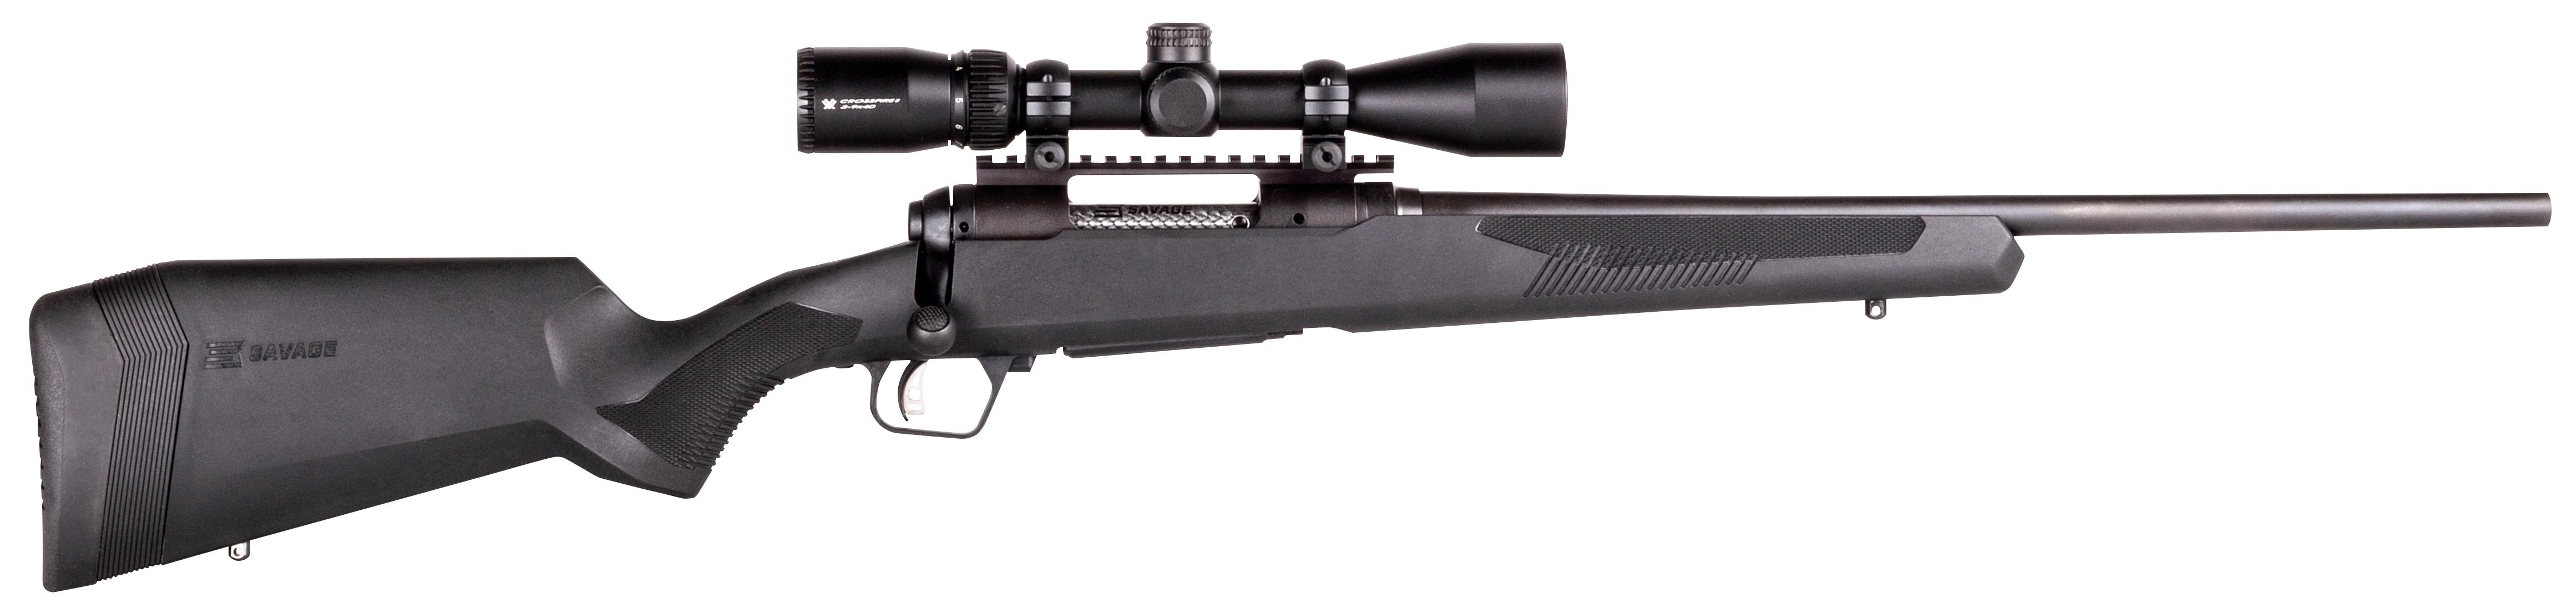 Savage Arms 110 Apex Hunter XP 30-06